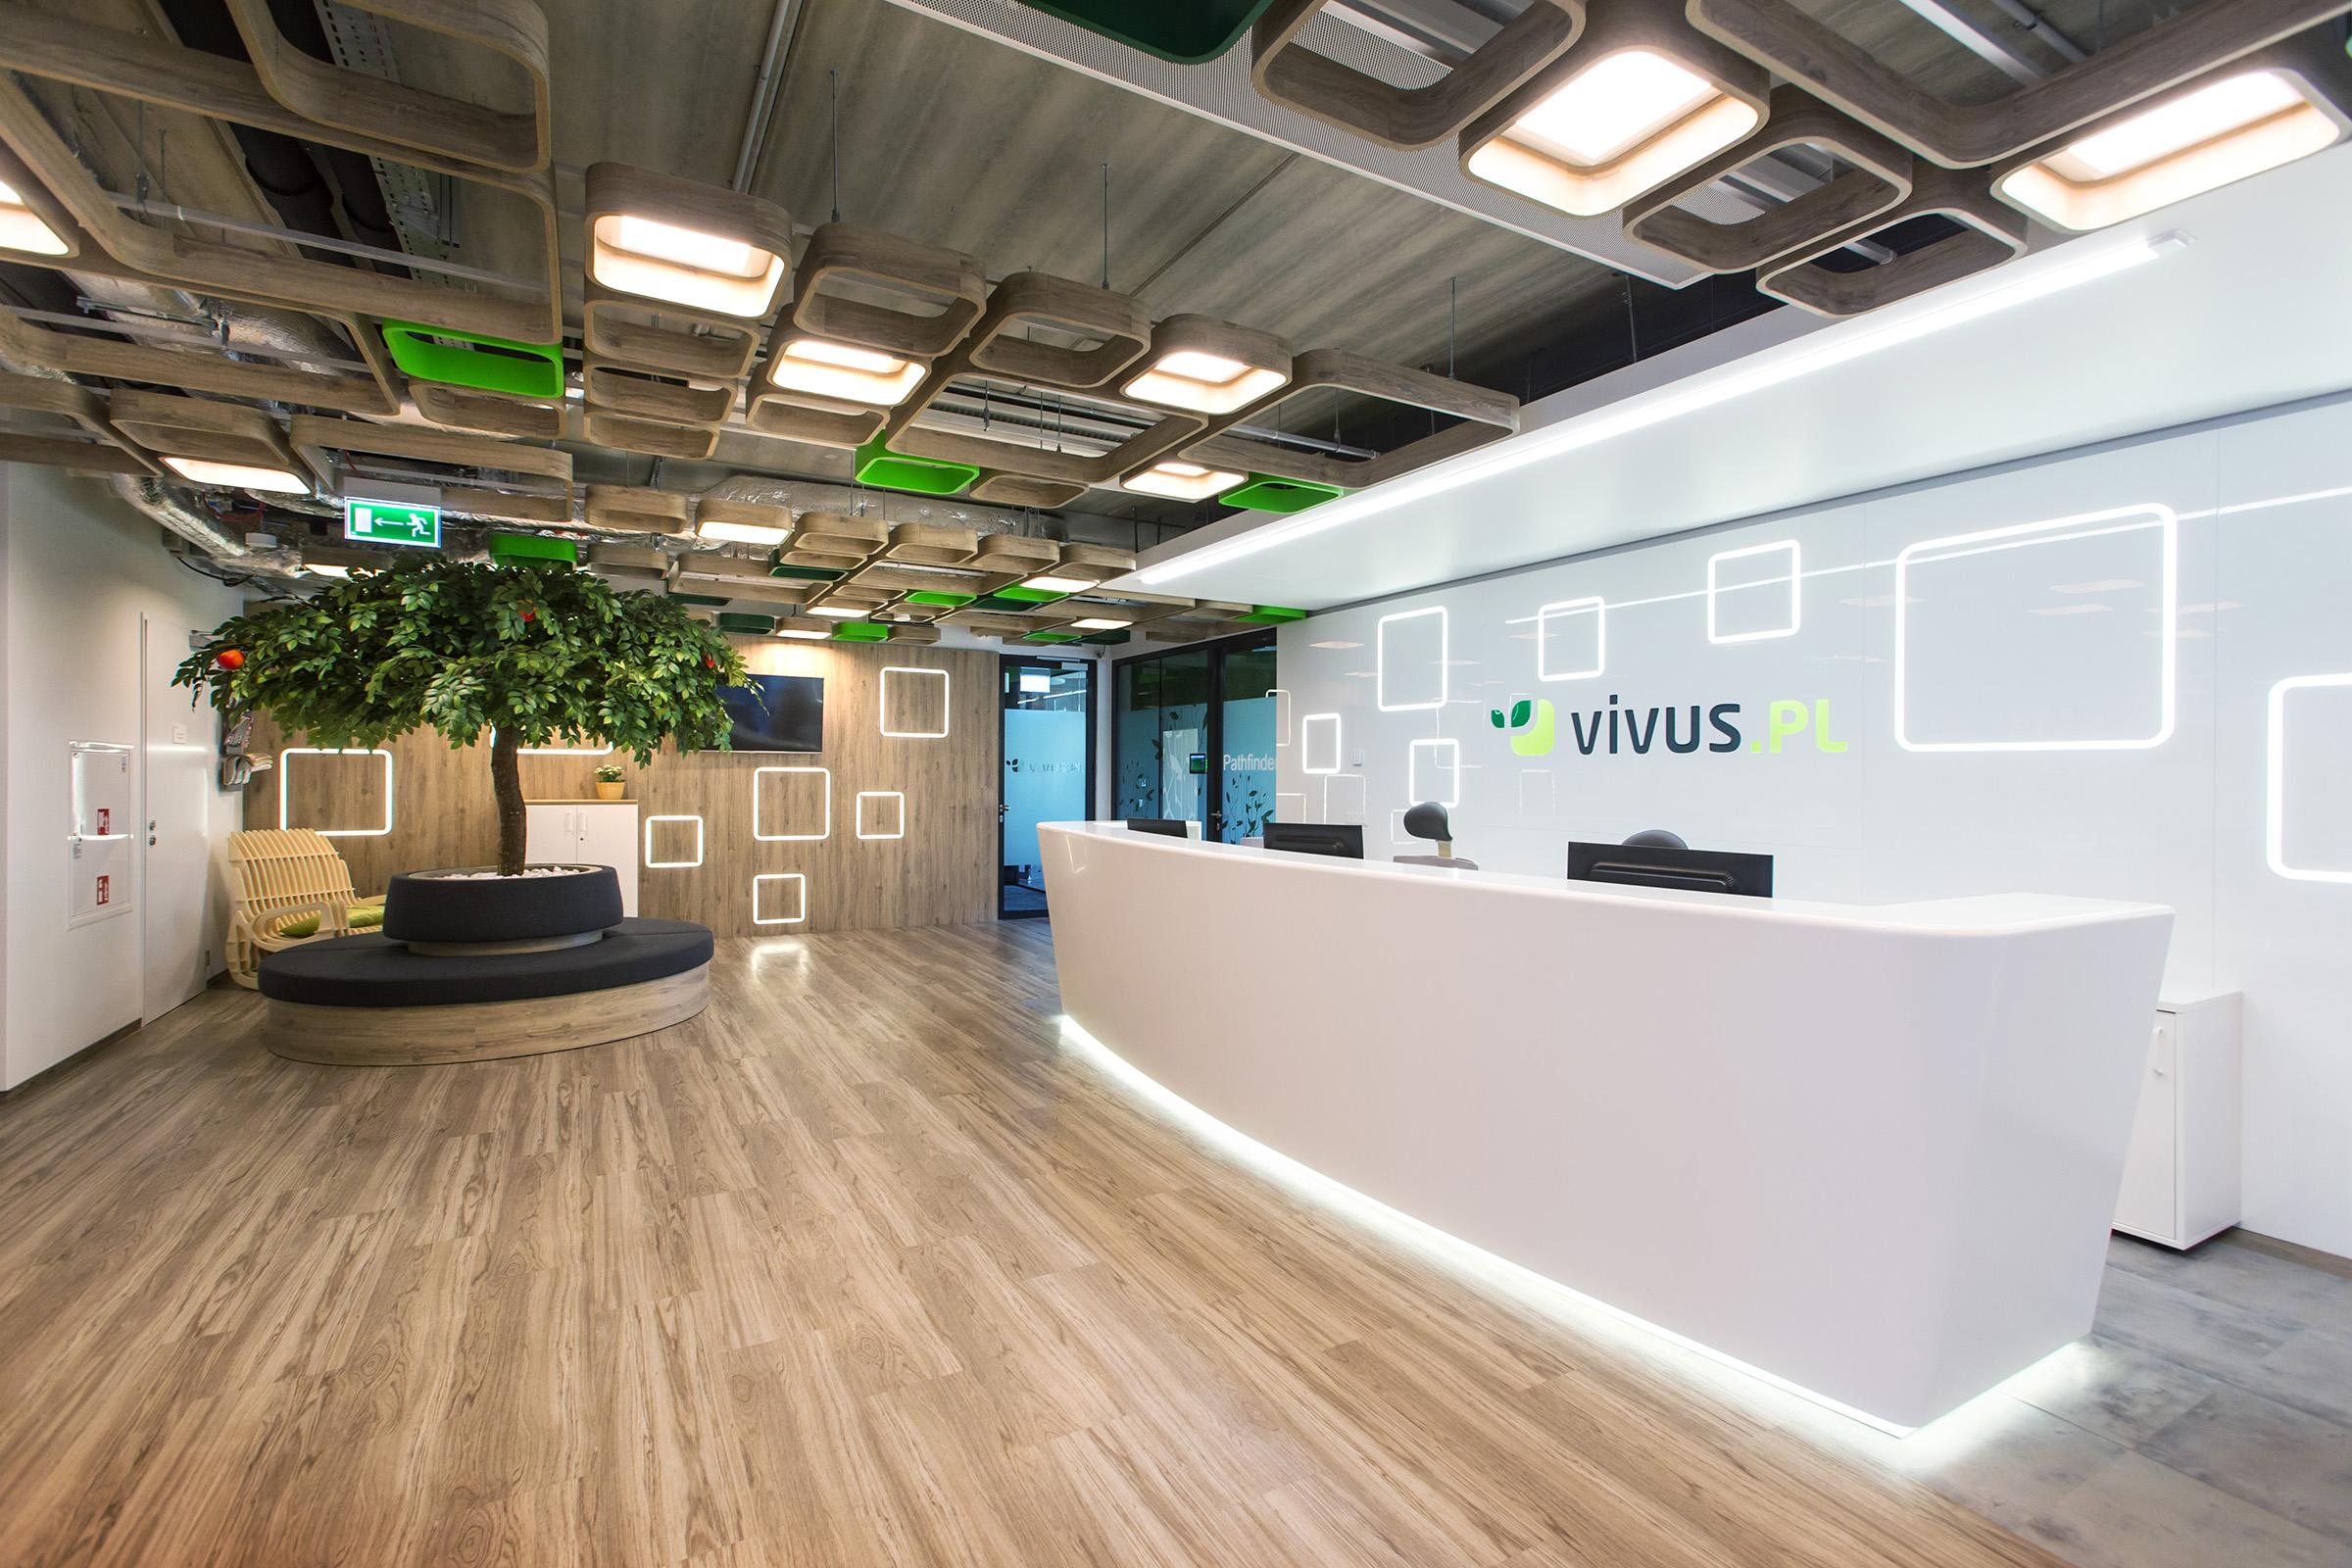 Vivus_01